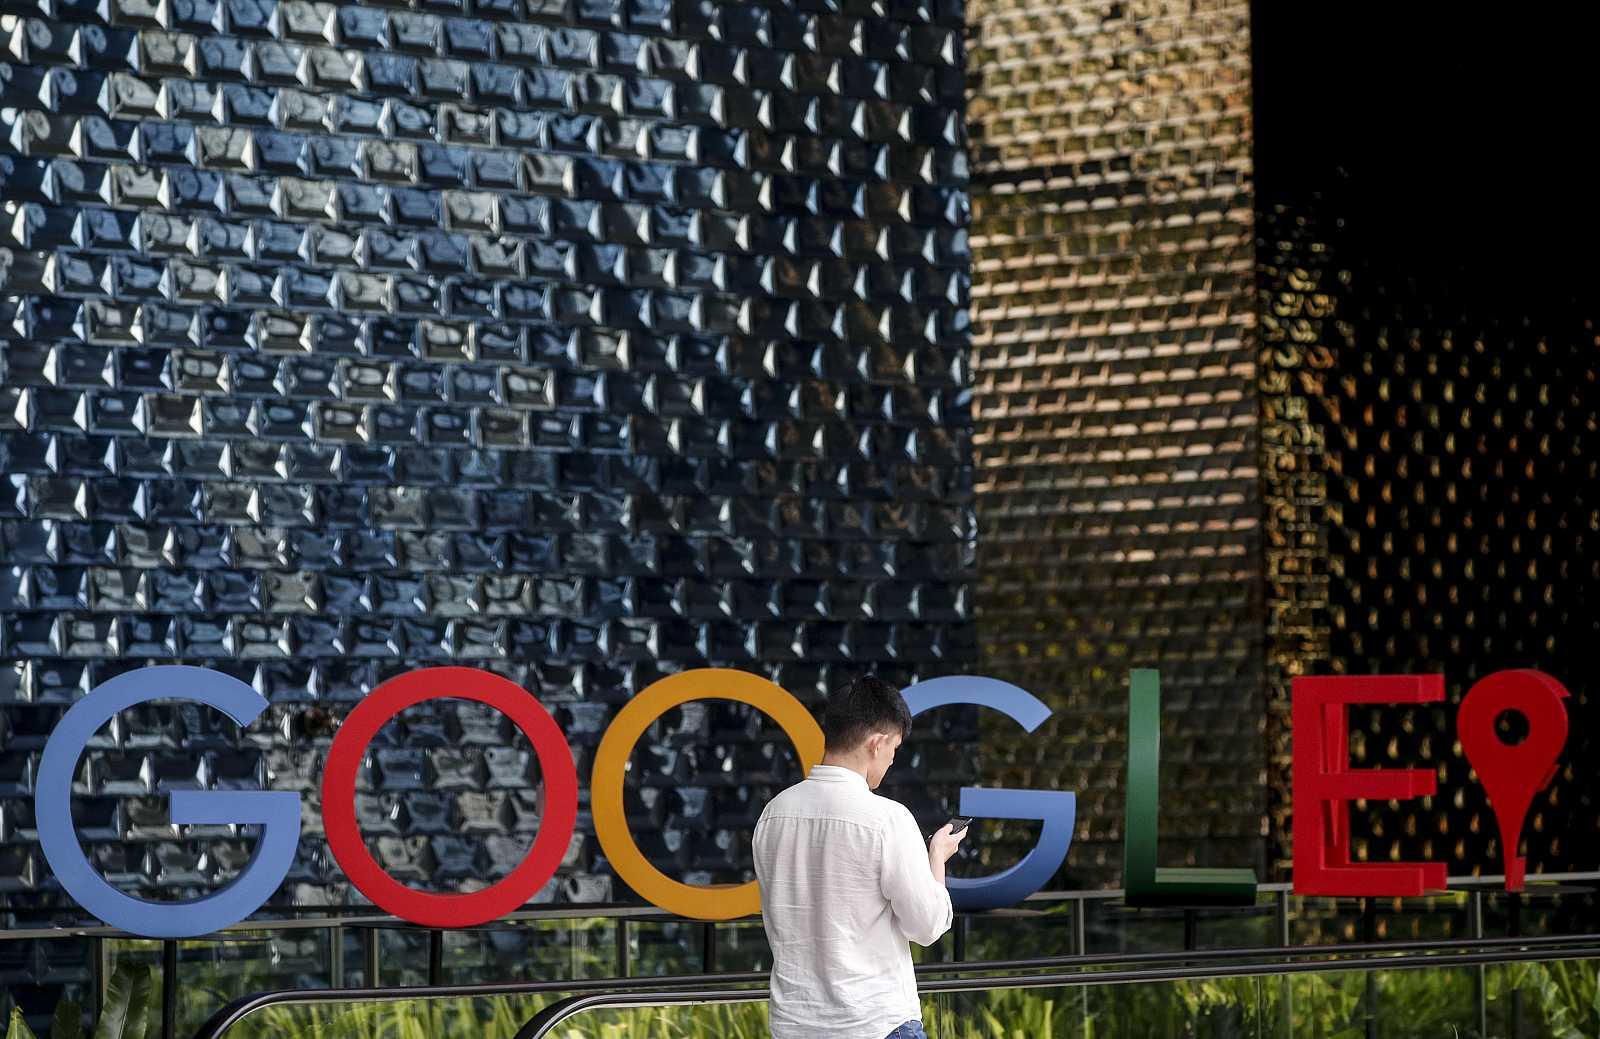 Singapur. Hombre usando su teléfono móvil mientras camina ante el logo de Google en Singapur